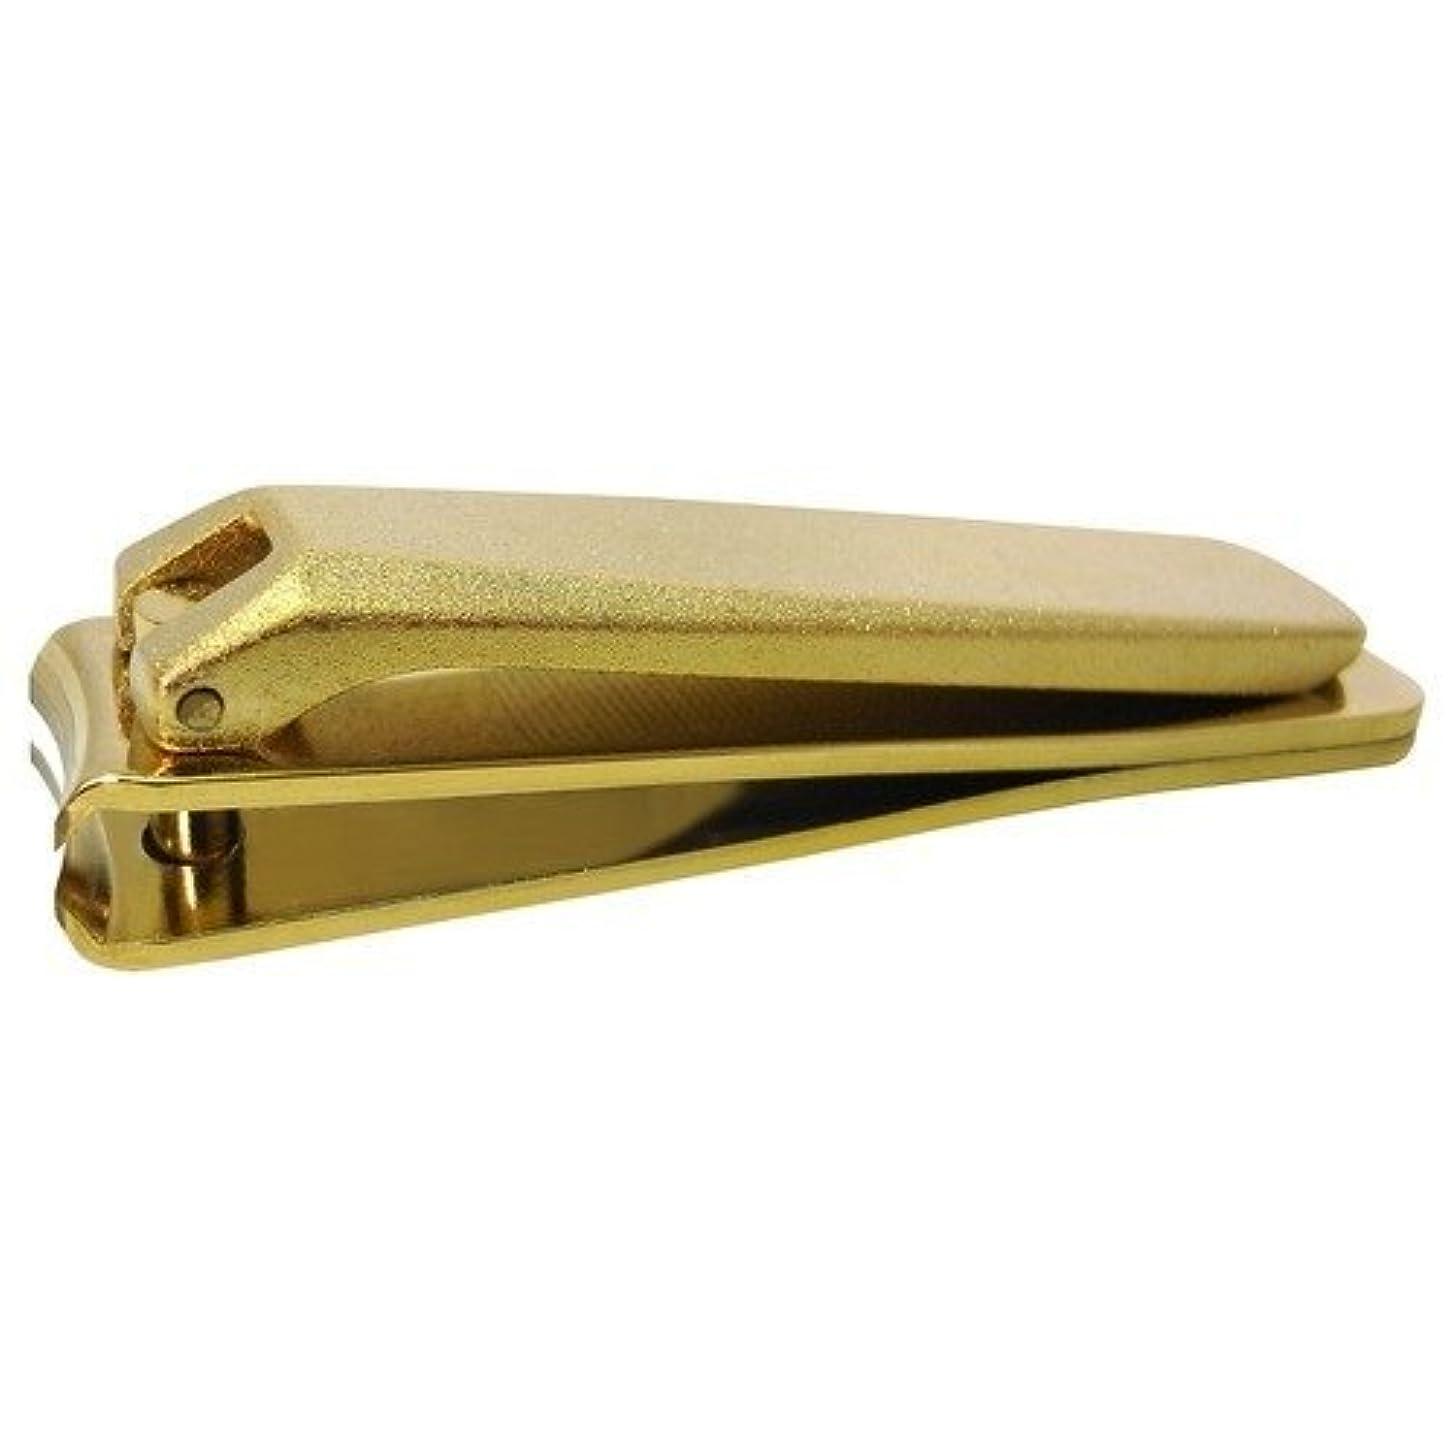 飼料おしゃれじゃないパートナーKD-029 関の刃物 ゴールド爪切 大 カバー無